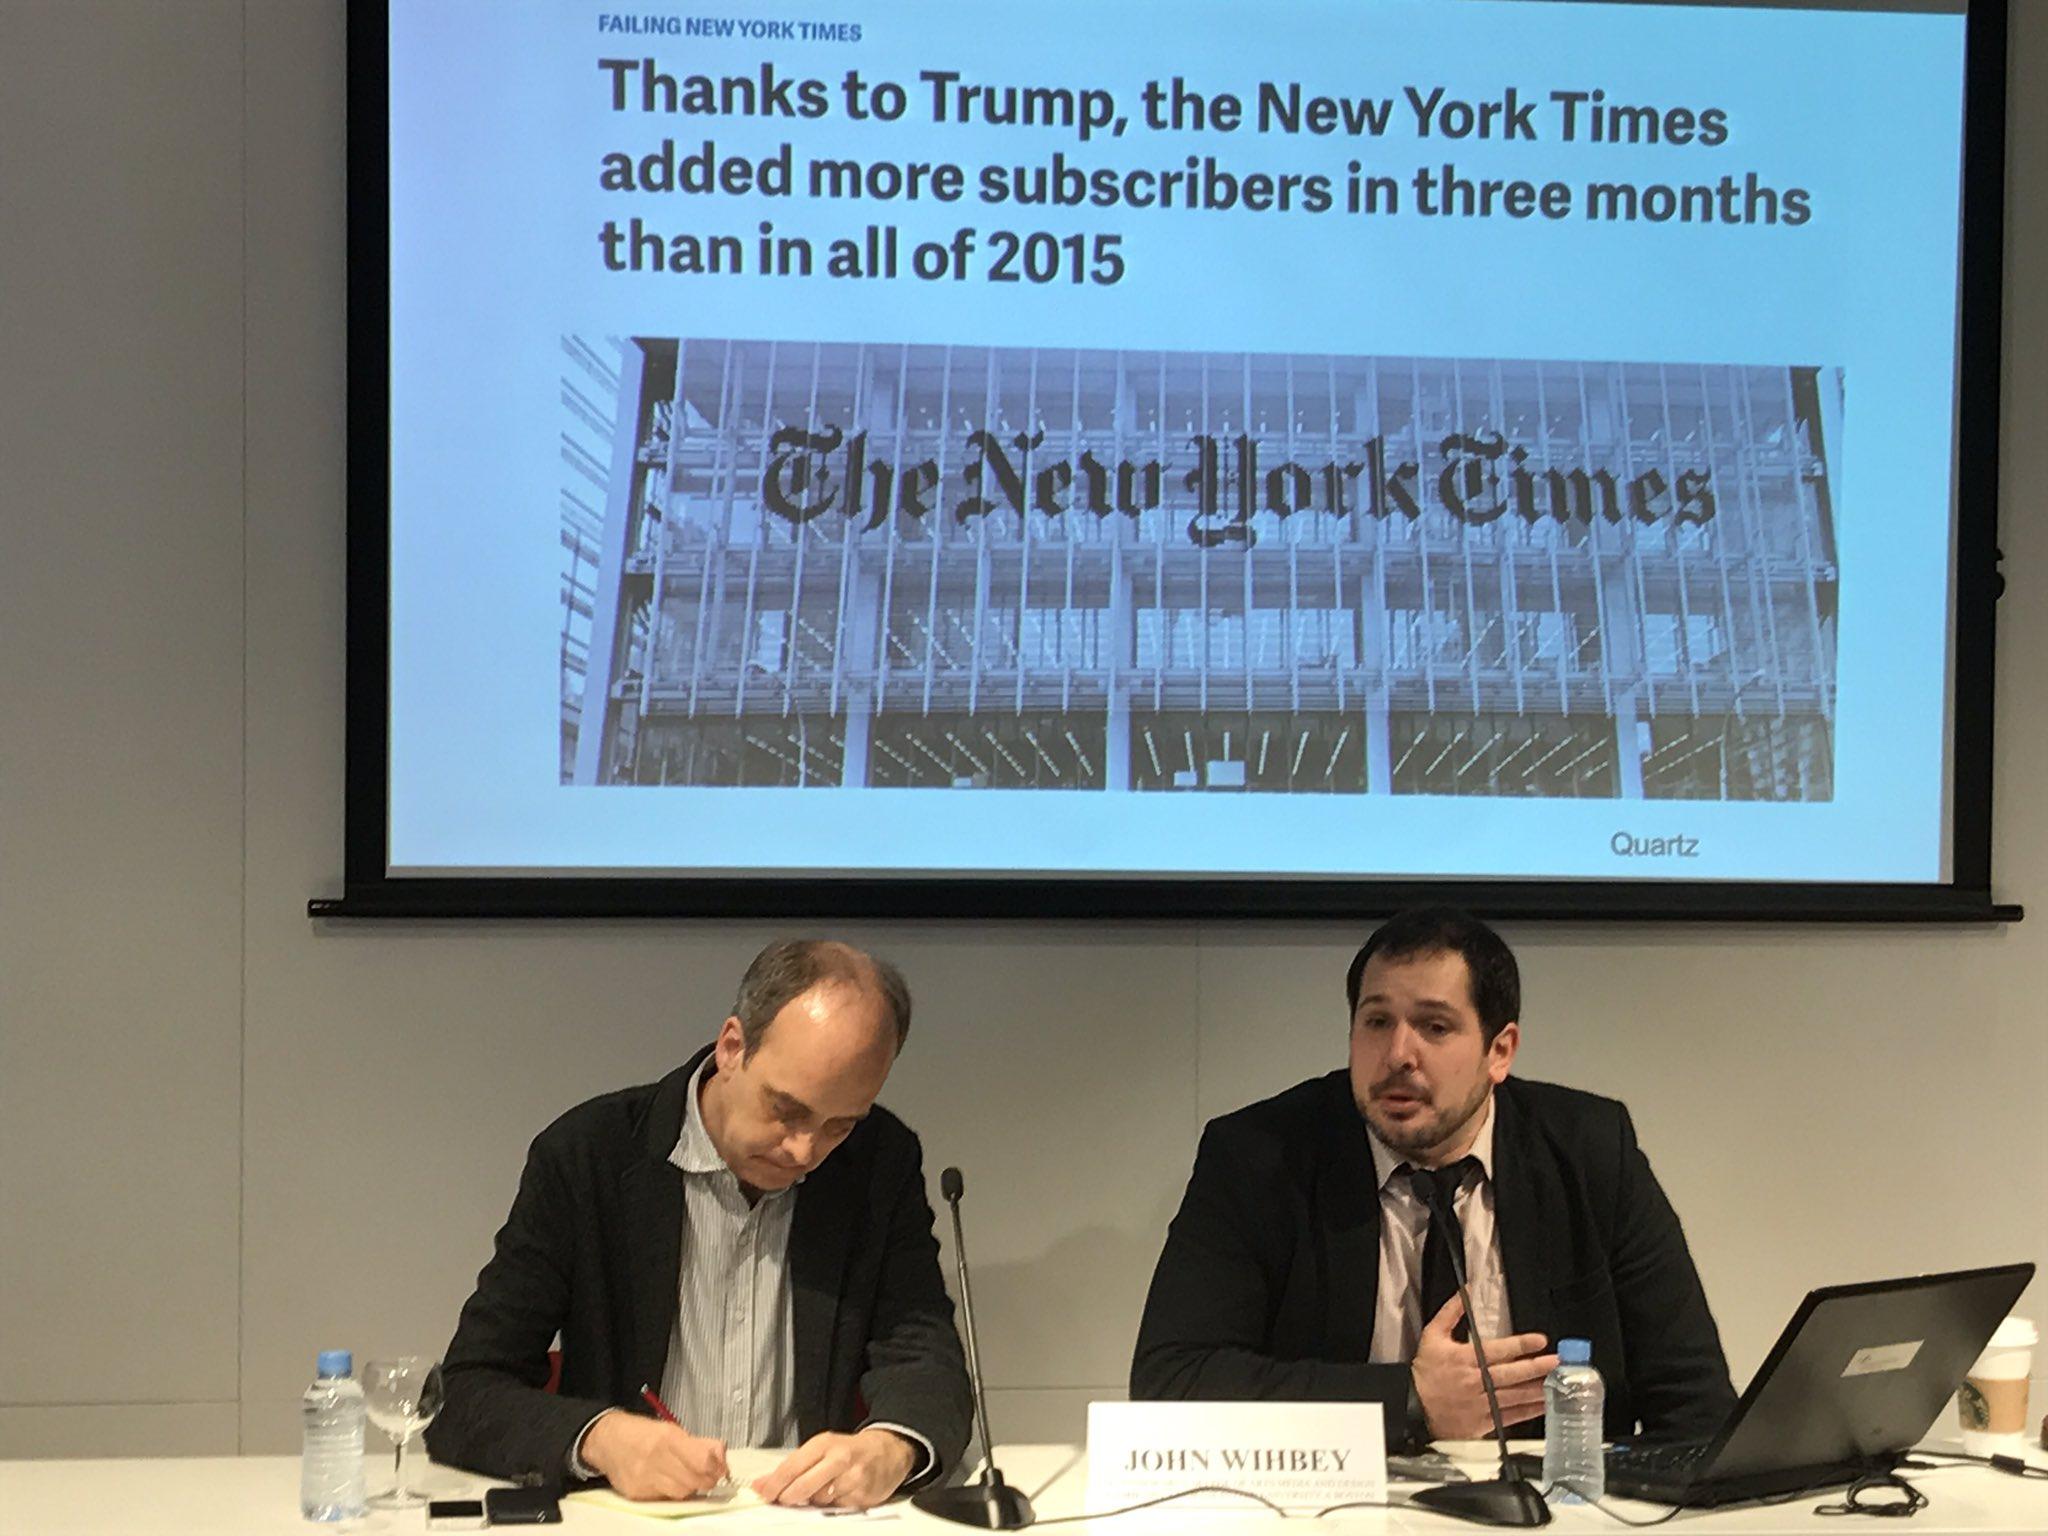 #NextMedia - Tendencias sobre medios de comunicación en Estados Unidos, según @wihbey. Un artículo de @aitaner 📝 https://t.co/n5ymvIPXMV 📈 https://t.co/MQhyi8Ai5X